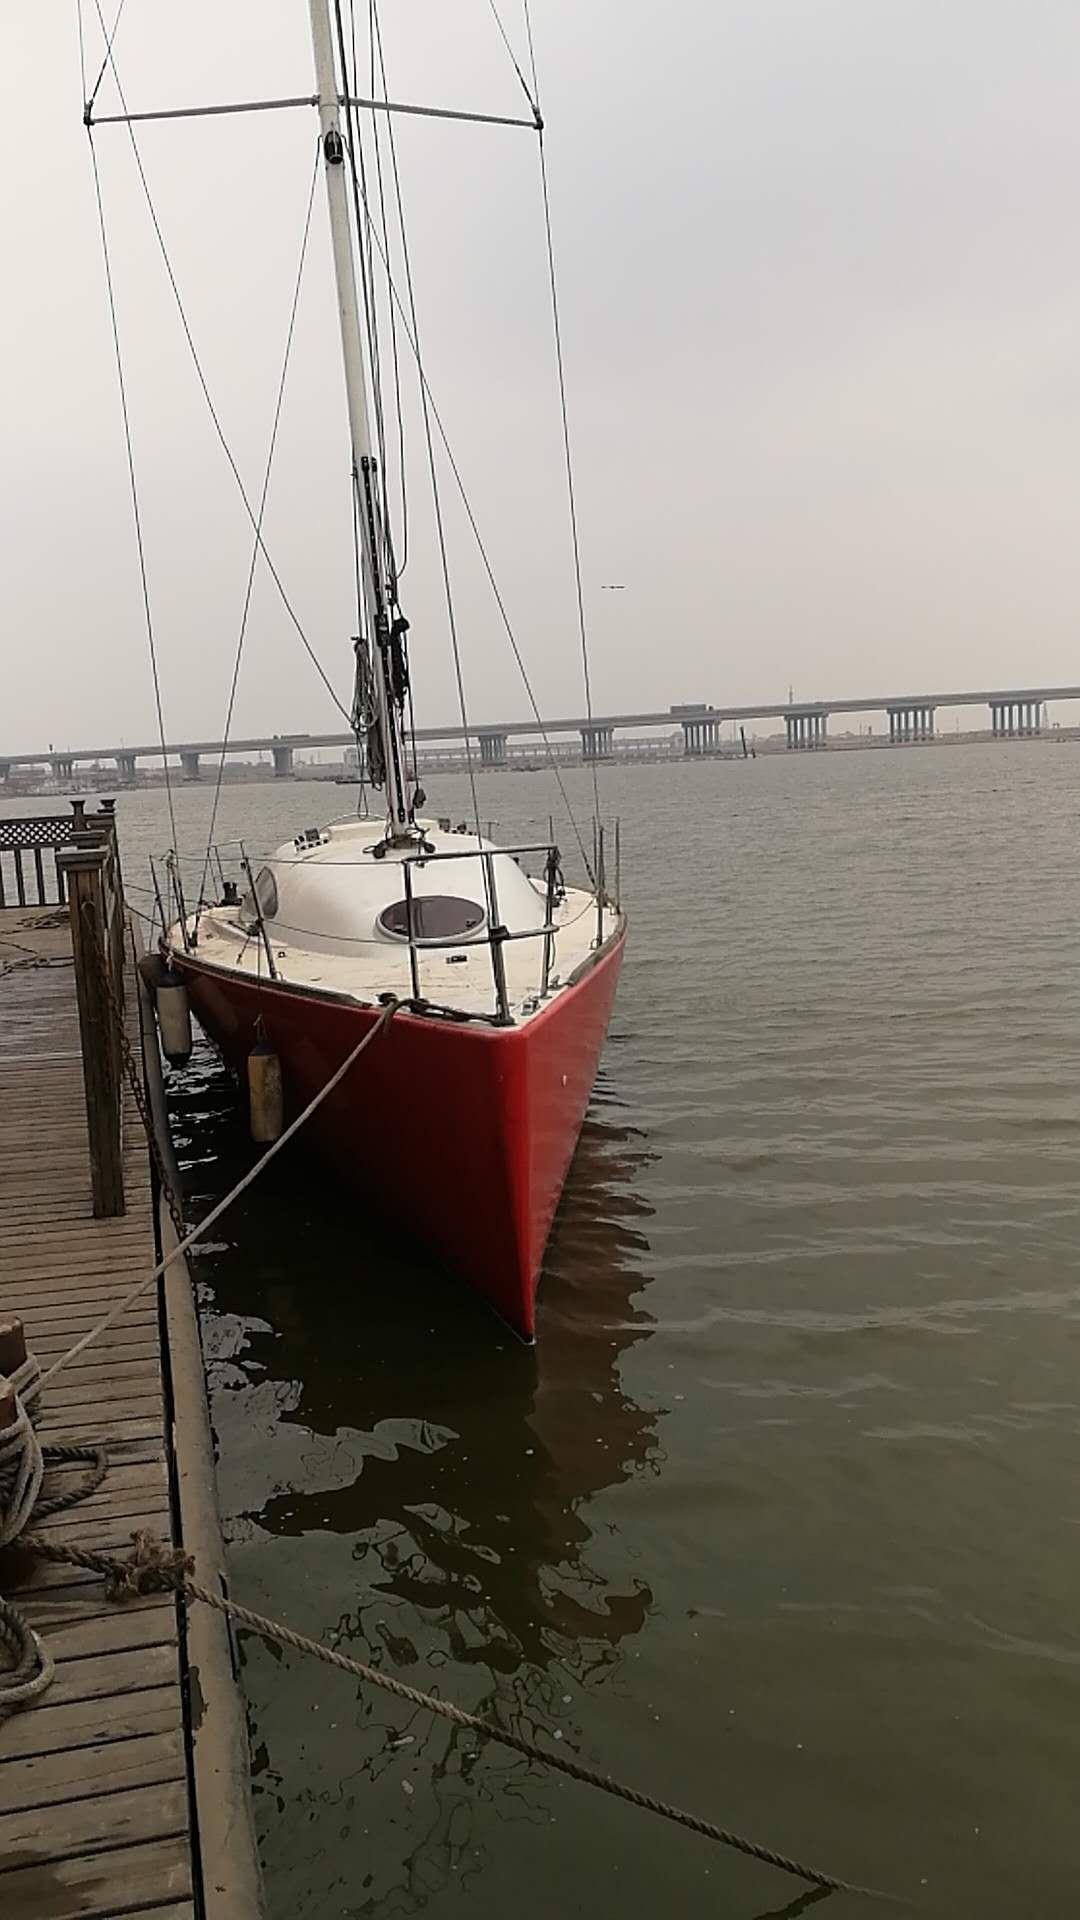 帆船,性能,出色,竞速,巡游 35尺竞速型巡游帆船转让  221845ur9lnq5b